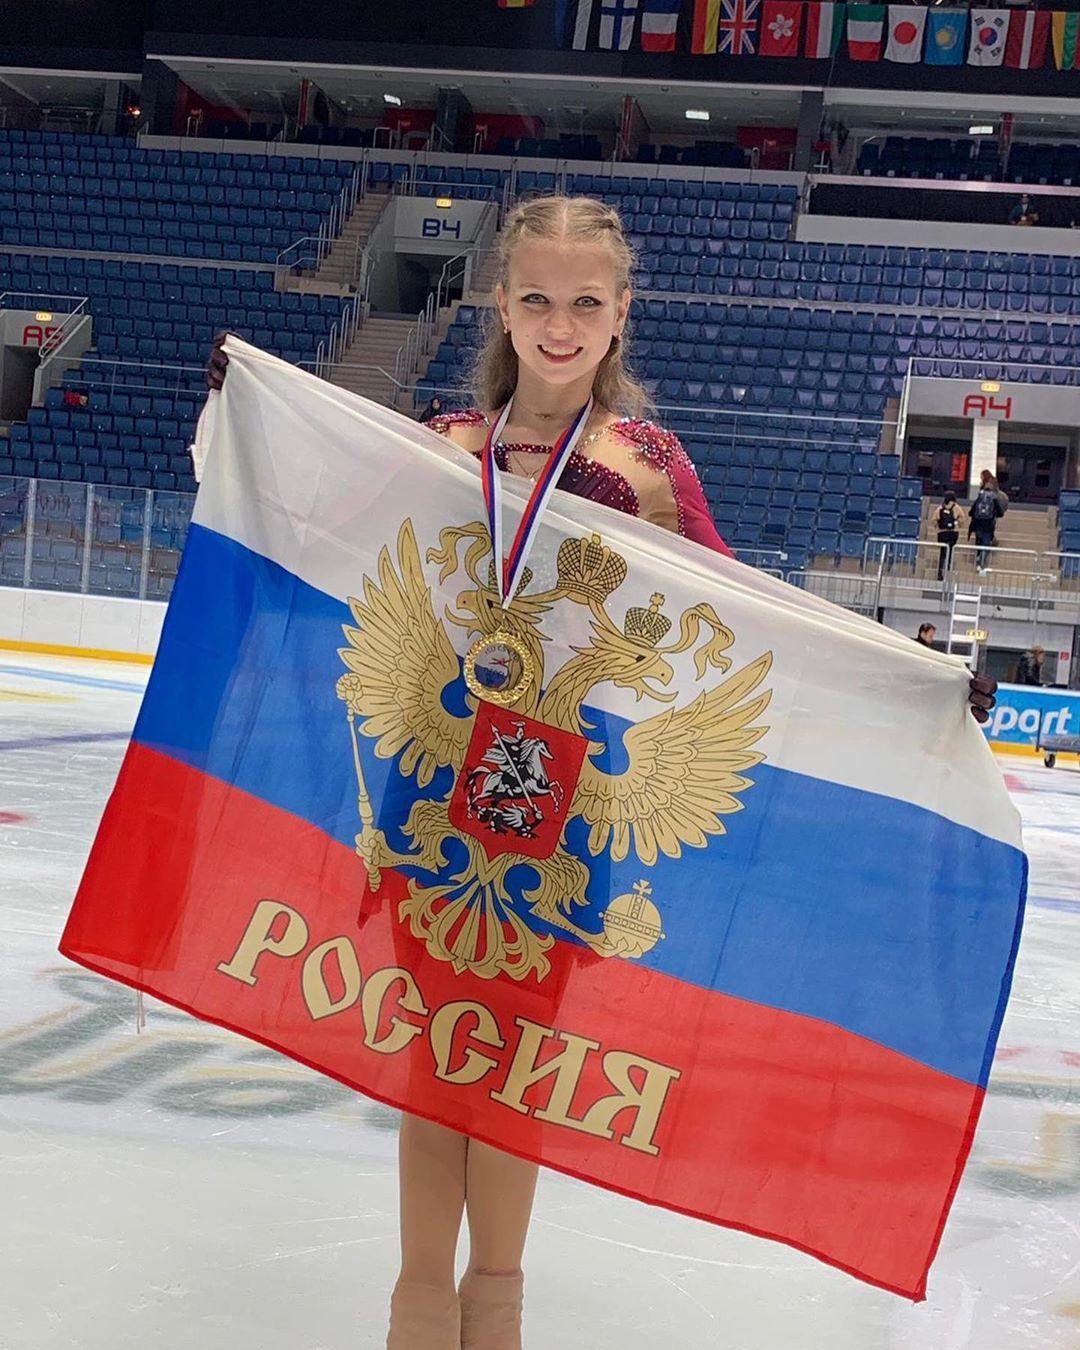 Ngả mũ trước nữ hoàng trượt băng nghệ thuật mới người Nga: Mới 15 tuổi đã sở hữu tới 4 kỷ lục Guinness - ảnh 4